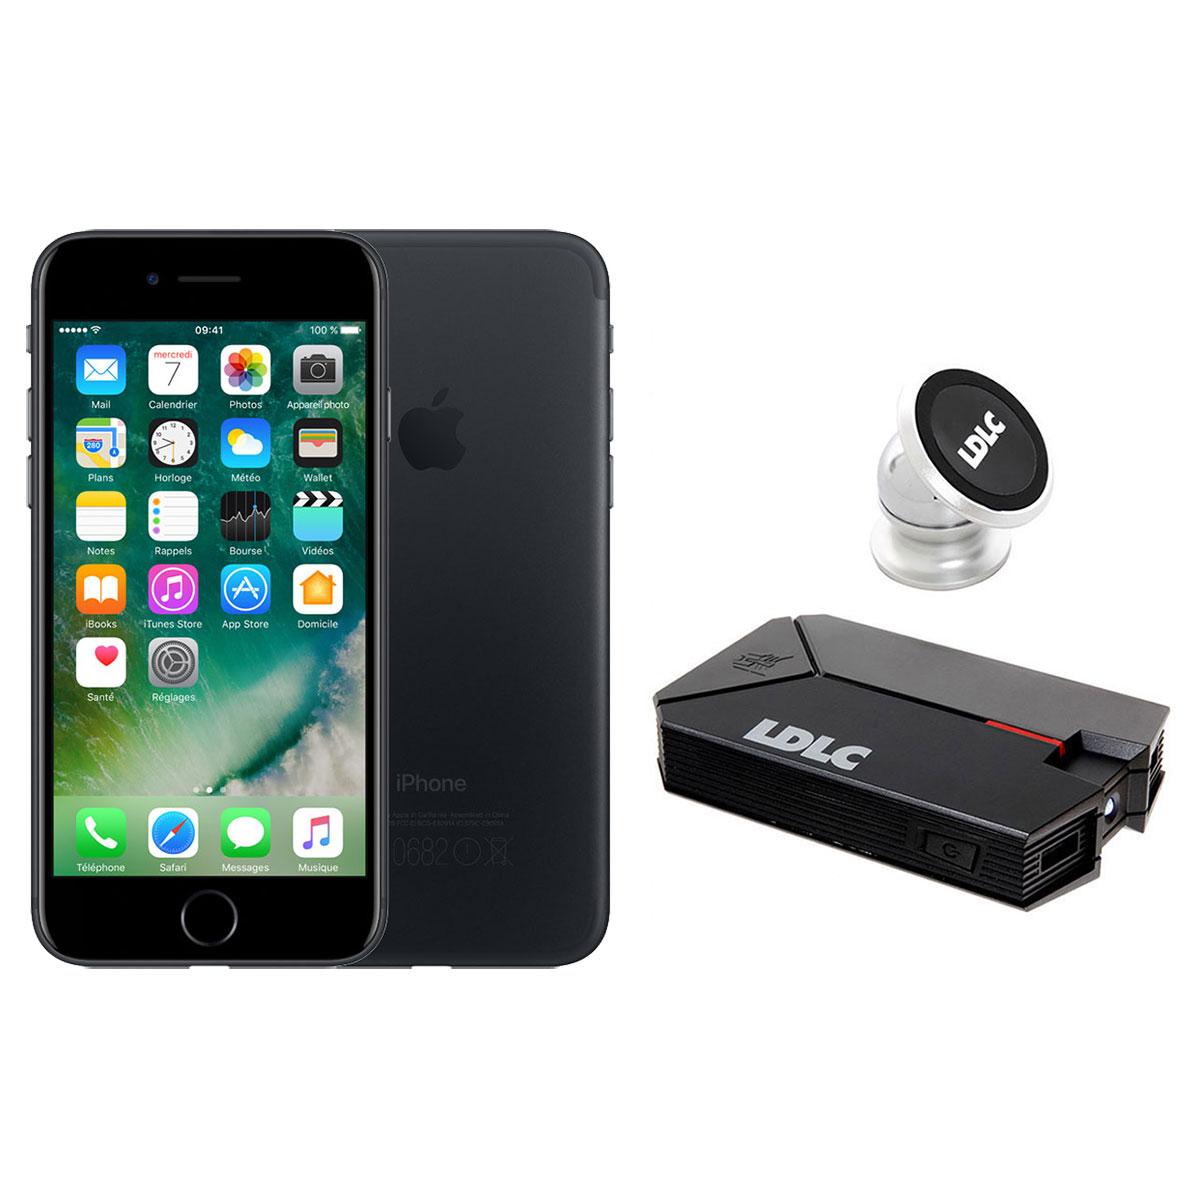 """Mobile & smartphone Apple iPhone 7 128 Go Noir + LDLC Power Bank QS10K + Auto S1 Smartphone 4G-LTE Advanced IP67 avec écran Retina 4.7"""" 750 x 1334 - 128 Go - NFC/Bluetooth 4.2 - iOS 10 + Batterie externe 10000 mAh + Support voiture aimanté"""